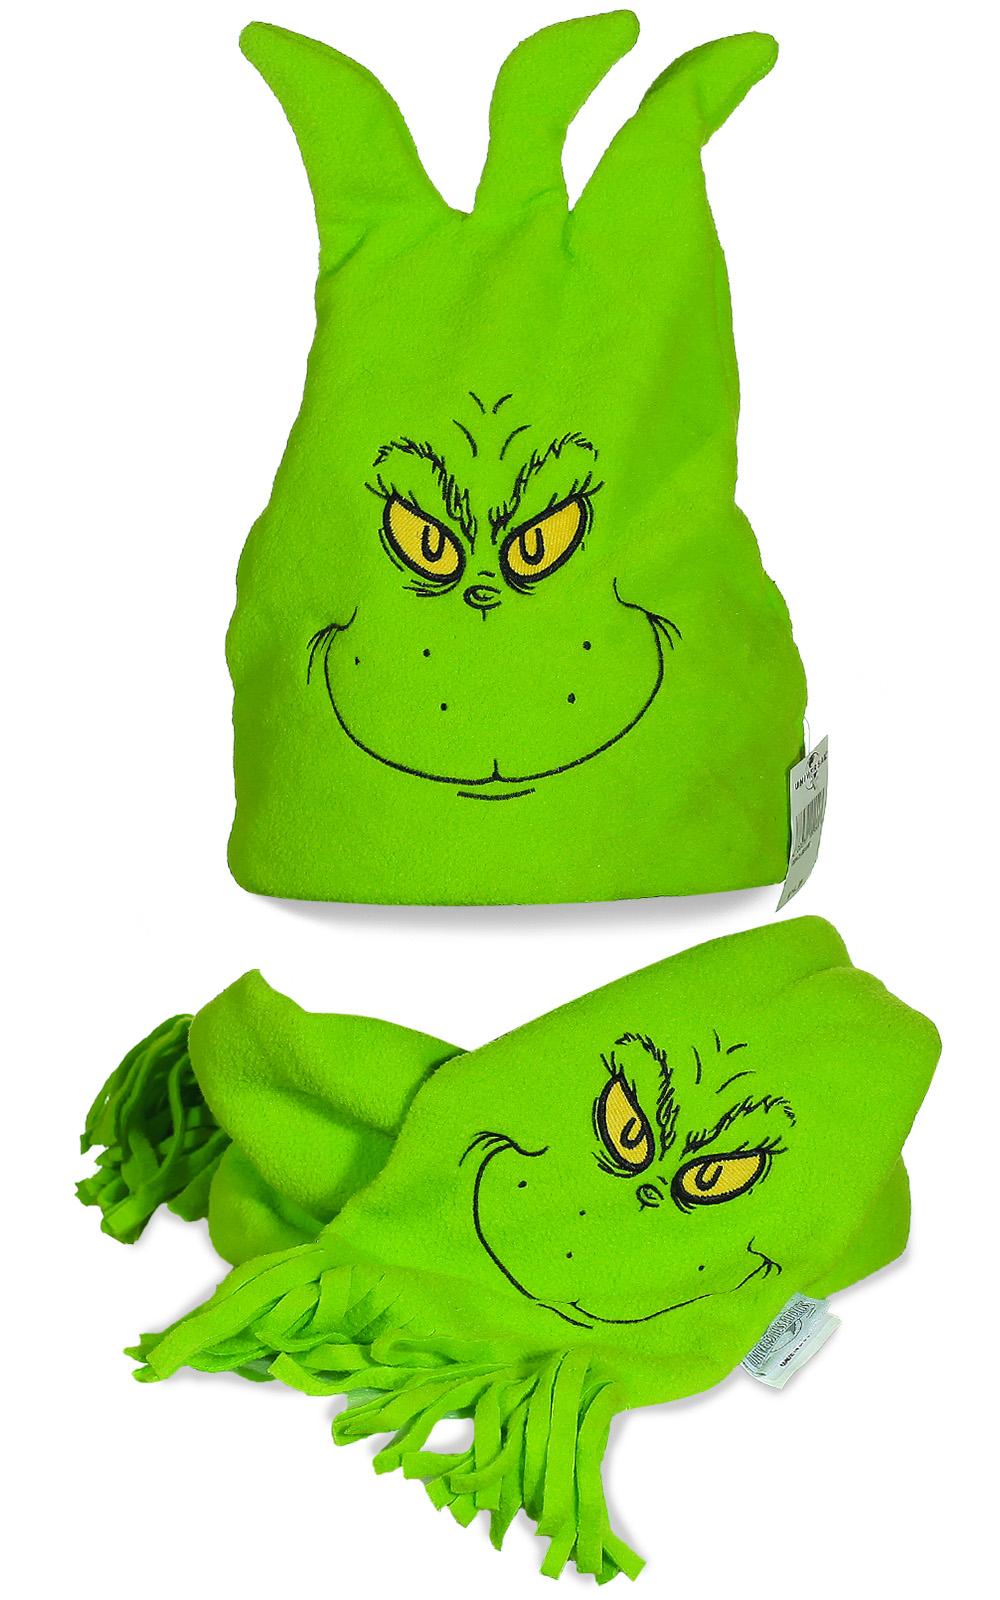 Забавная шапка Гринча для весельчаков и ценителей хорошего юмора